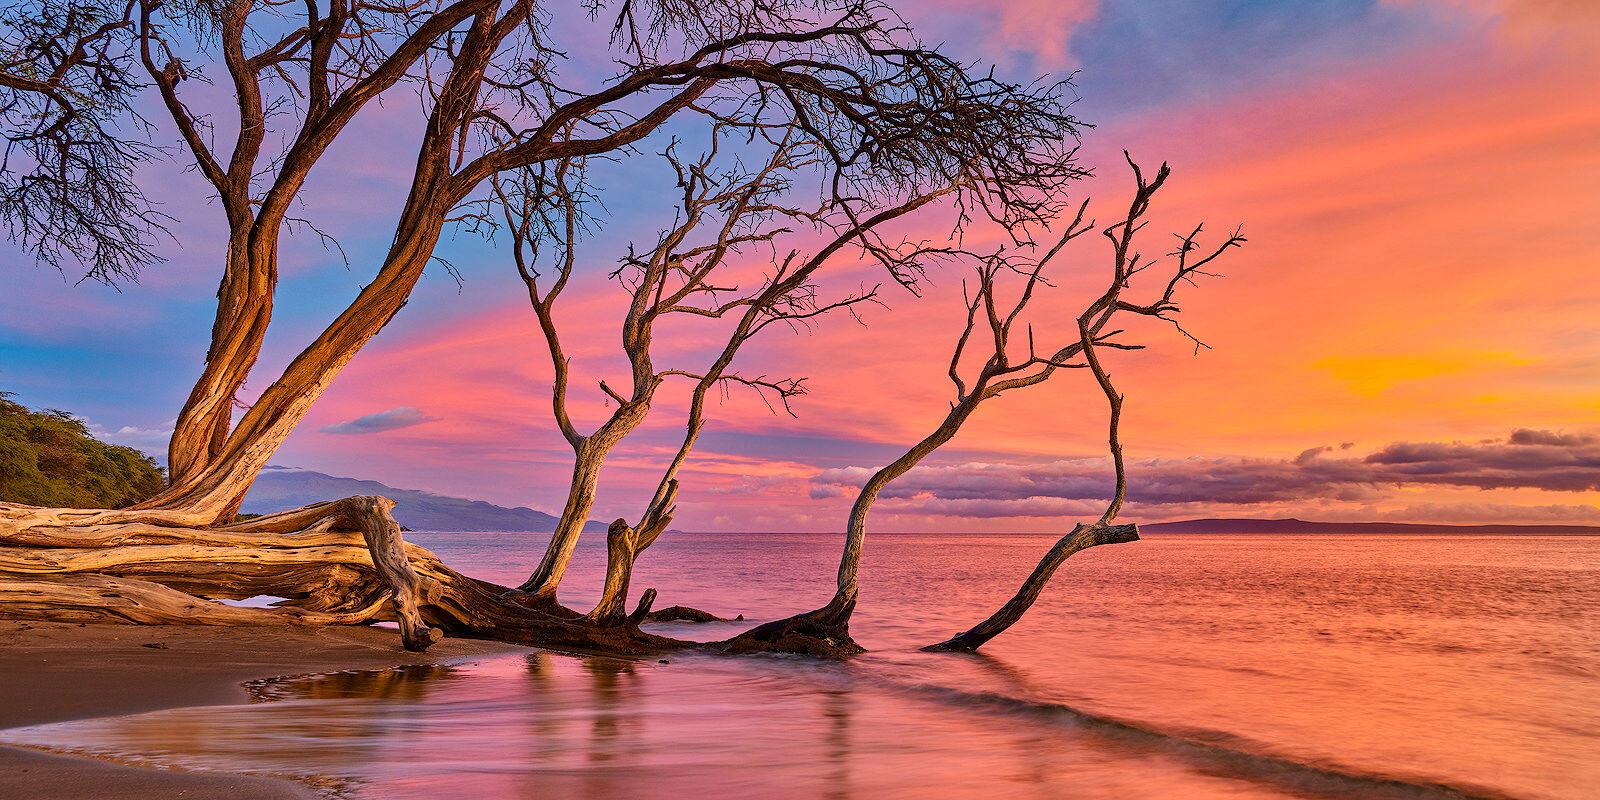 keawe tree along the coastline of Olowalu at sunset